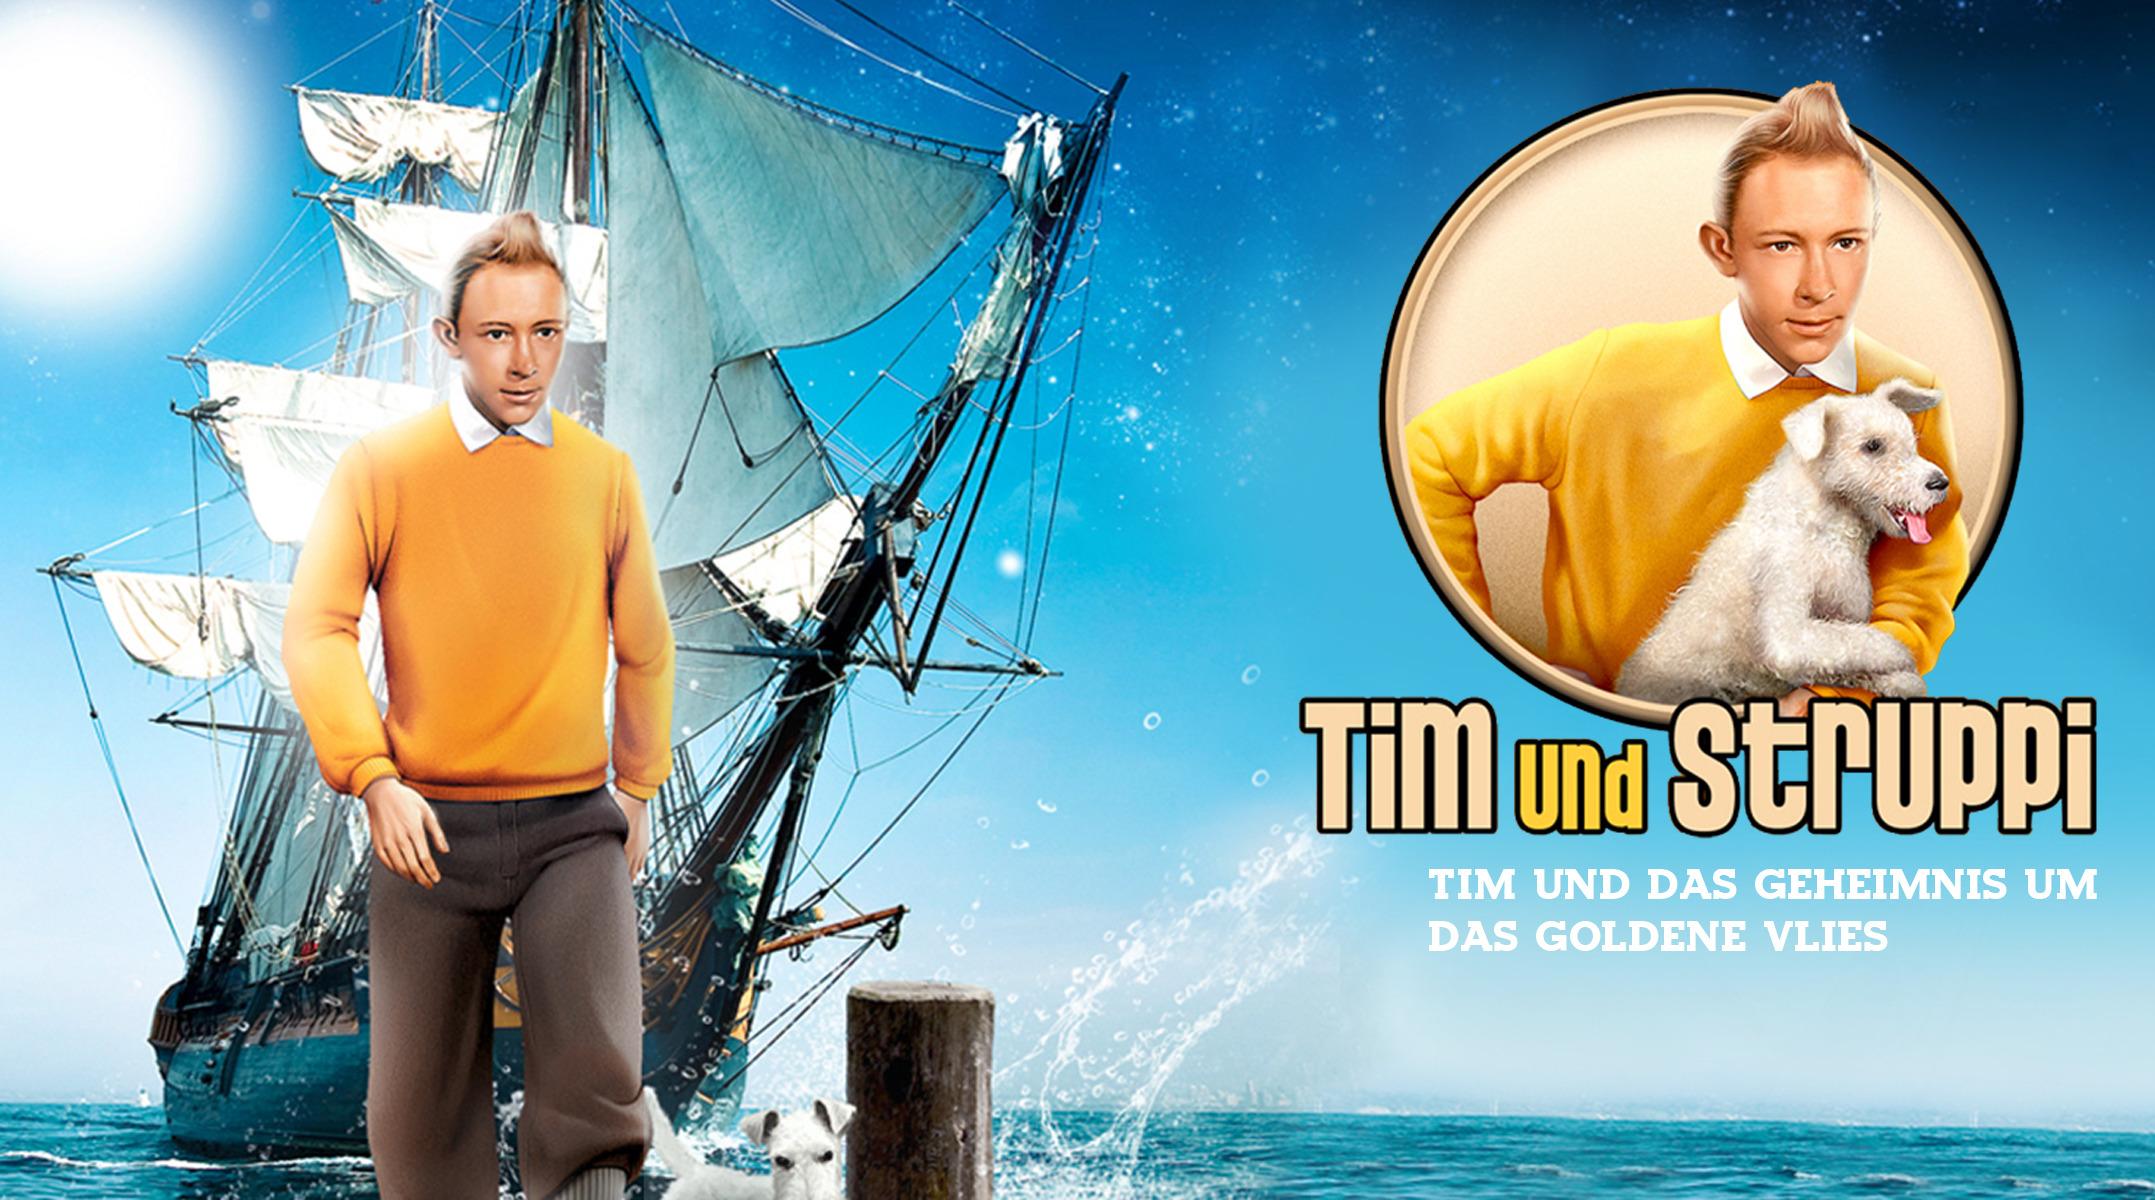 Tim und Struppi und das Geheimnis um das goldene Vlies